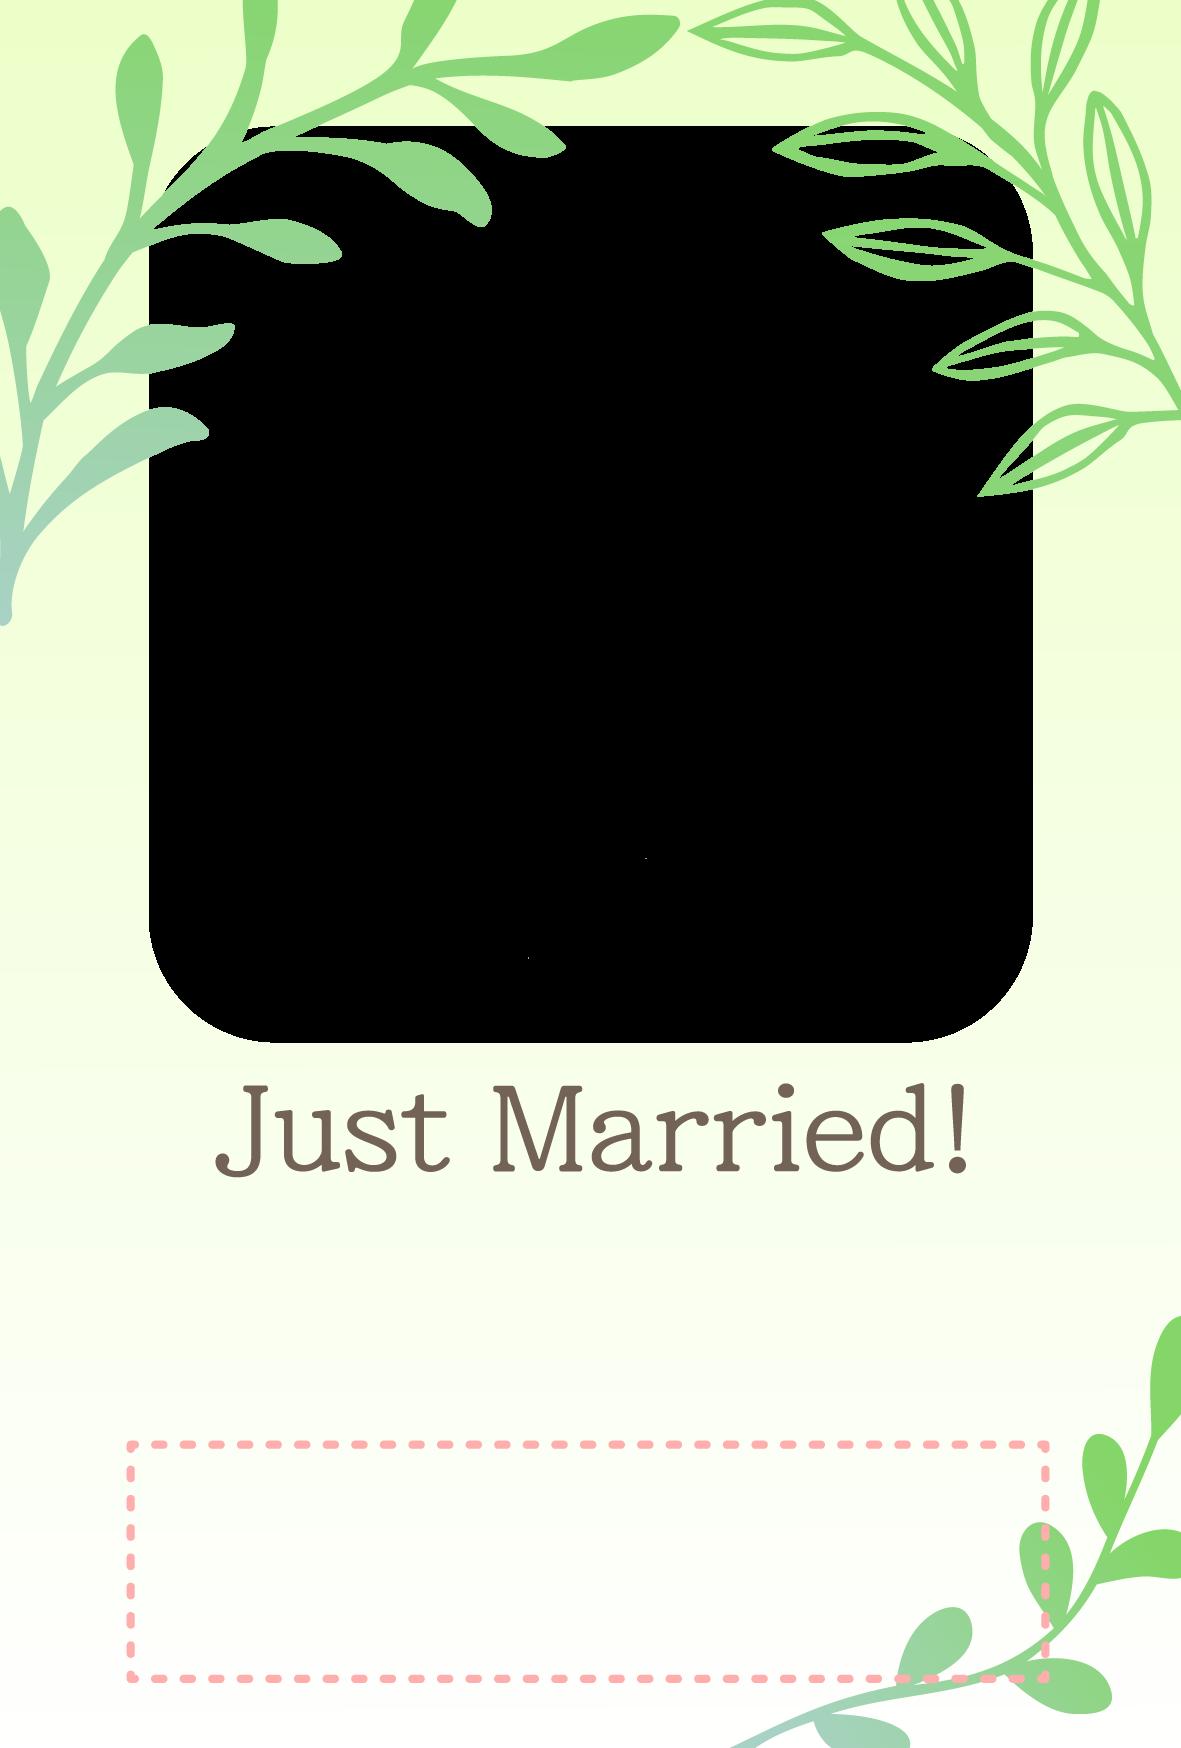 【文字無し】結婚報告はがきの無料デザインテンプレート